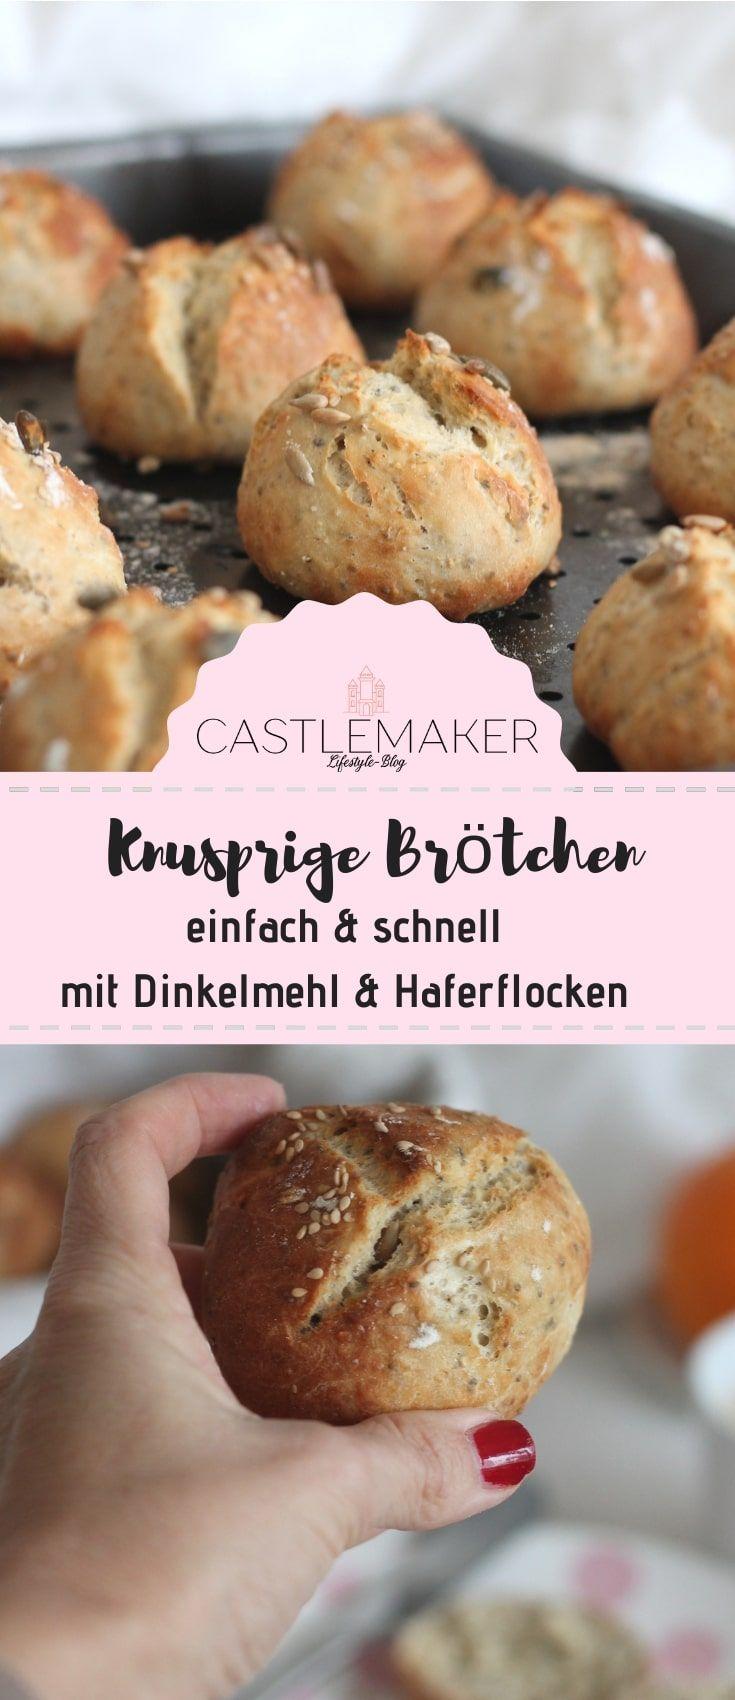 CASTLEMAKER Lifestyle Blog  Knusprige Brötchen mit Haferflocken selber backen  Unglaublich einfach  schnell fertig  CASTLEMAKER Lifestyle Blog